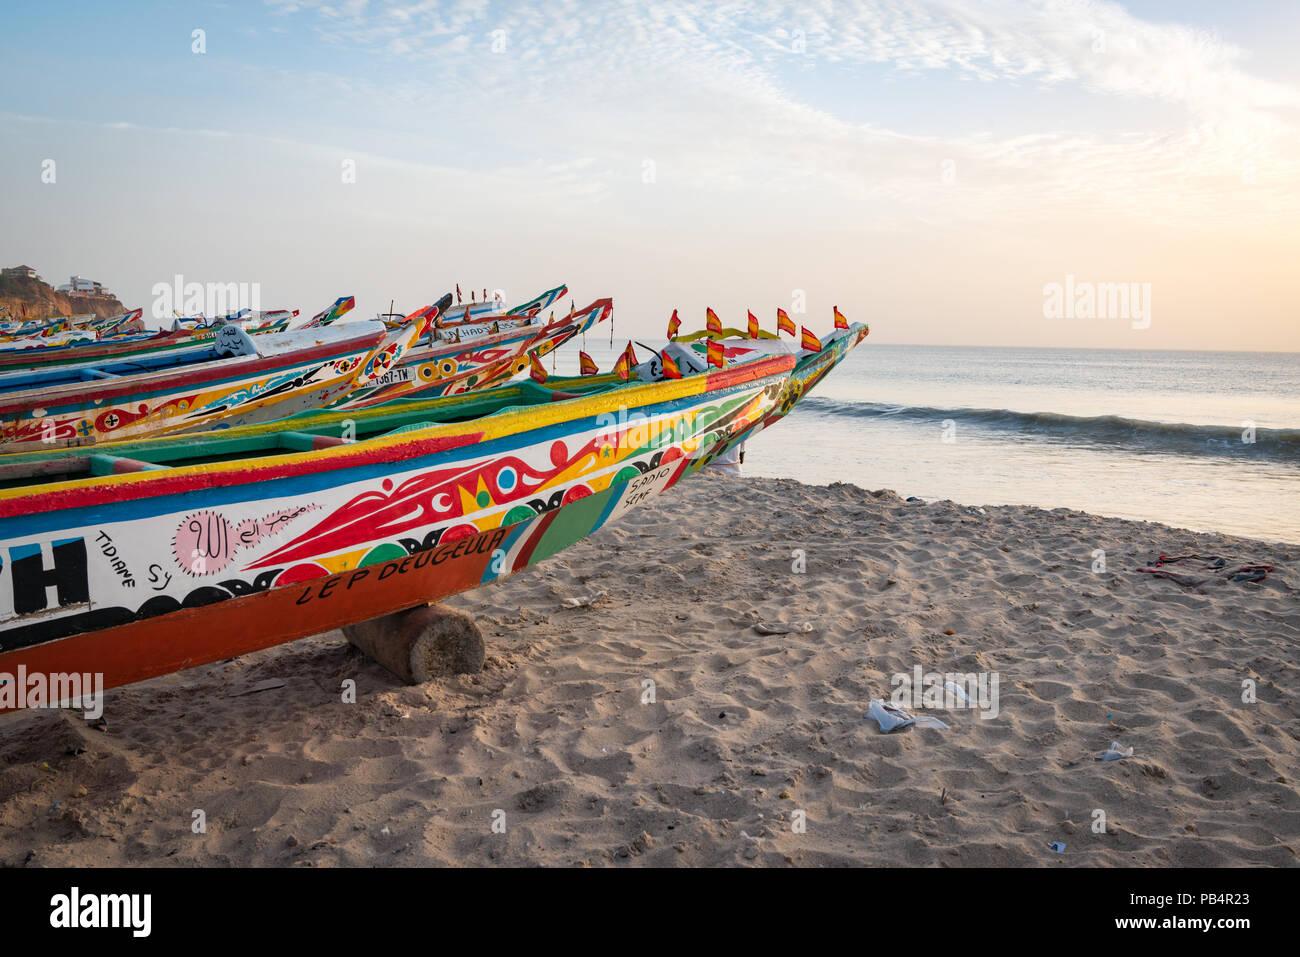 Los coloridos barcos en la playa de Toubab Dialao, Senegal Imagen De Stock